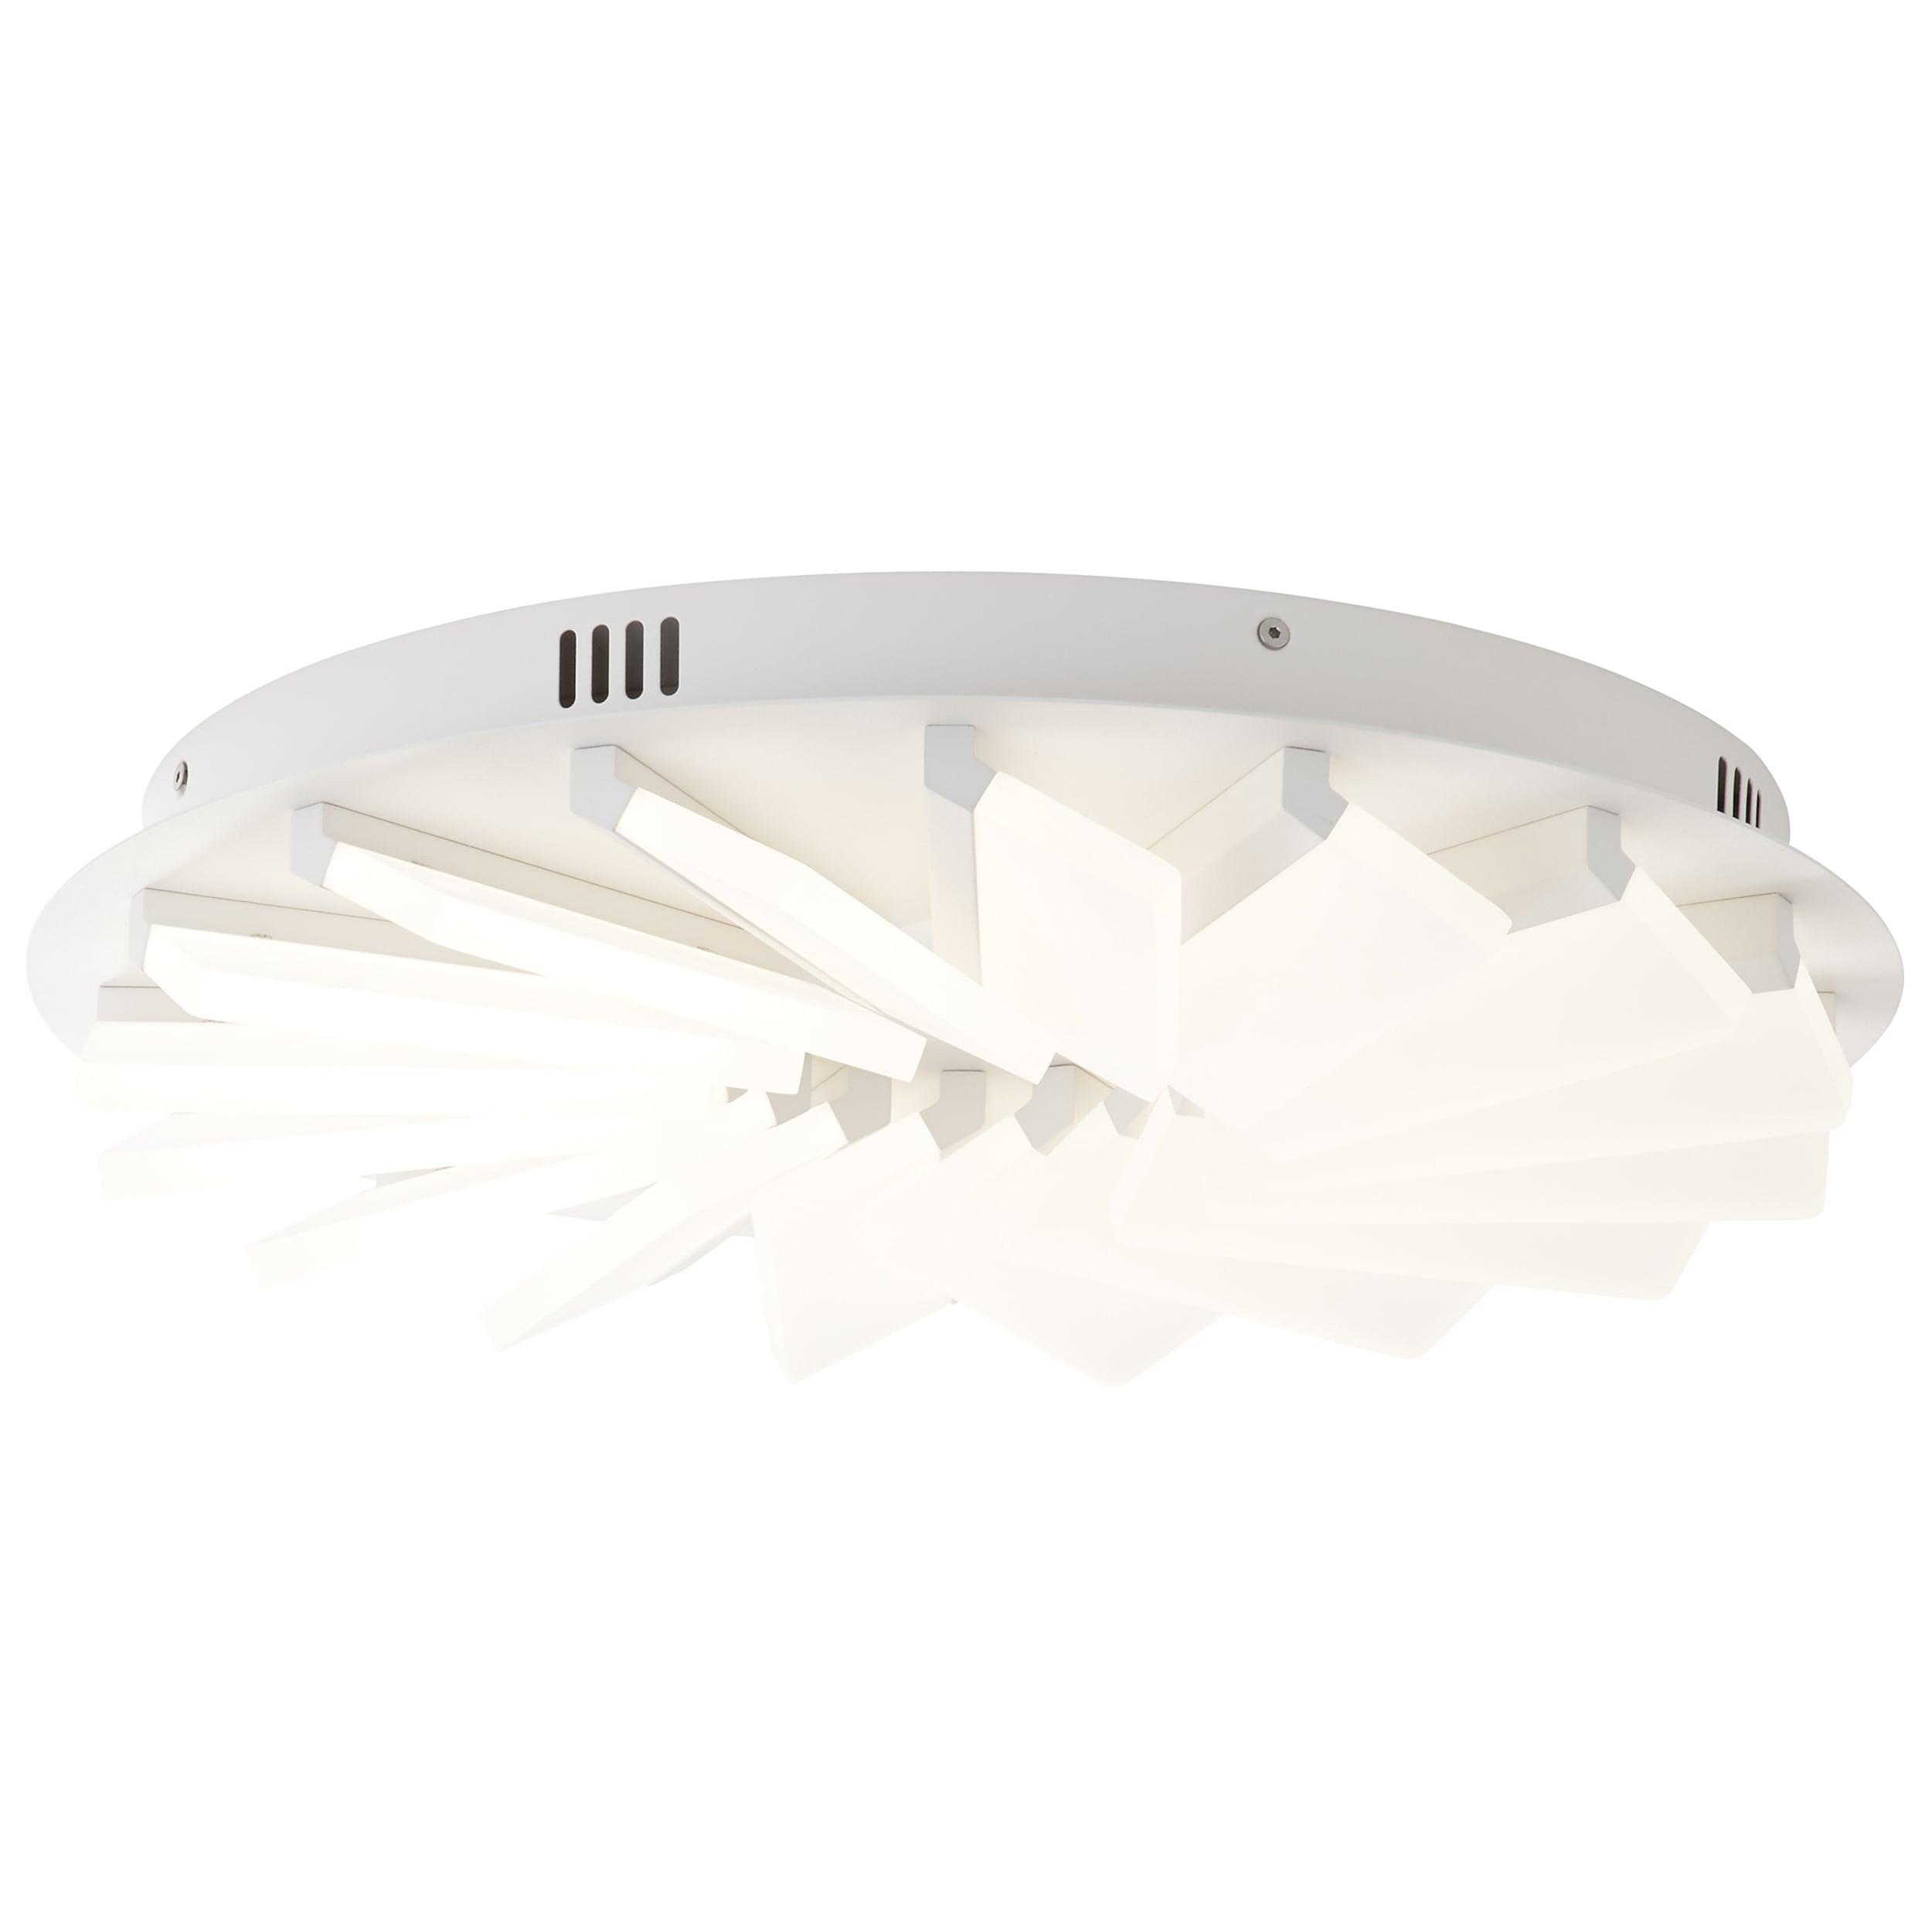 AEG Caryl LED Deckenleuchte 48cm pearl nickel/weiß